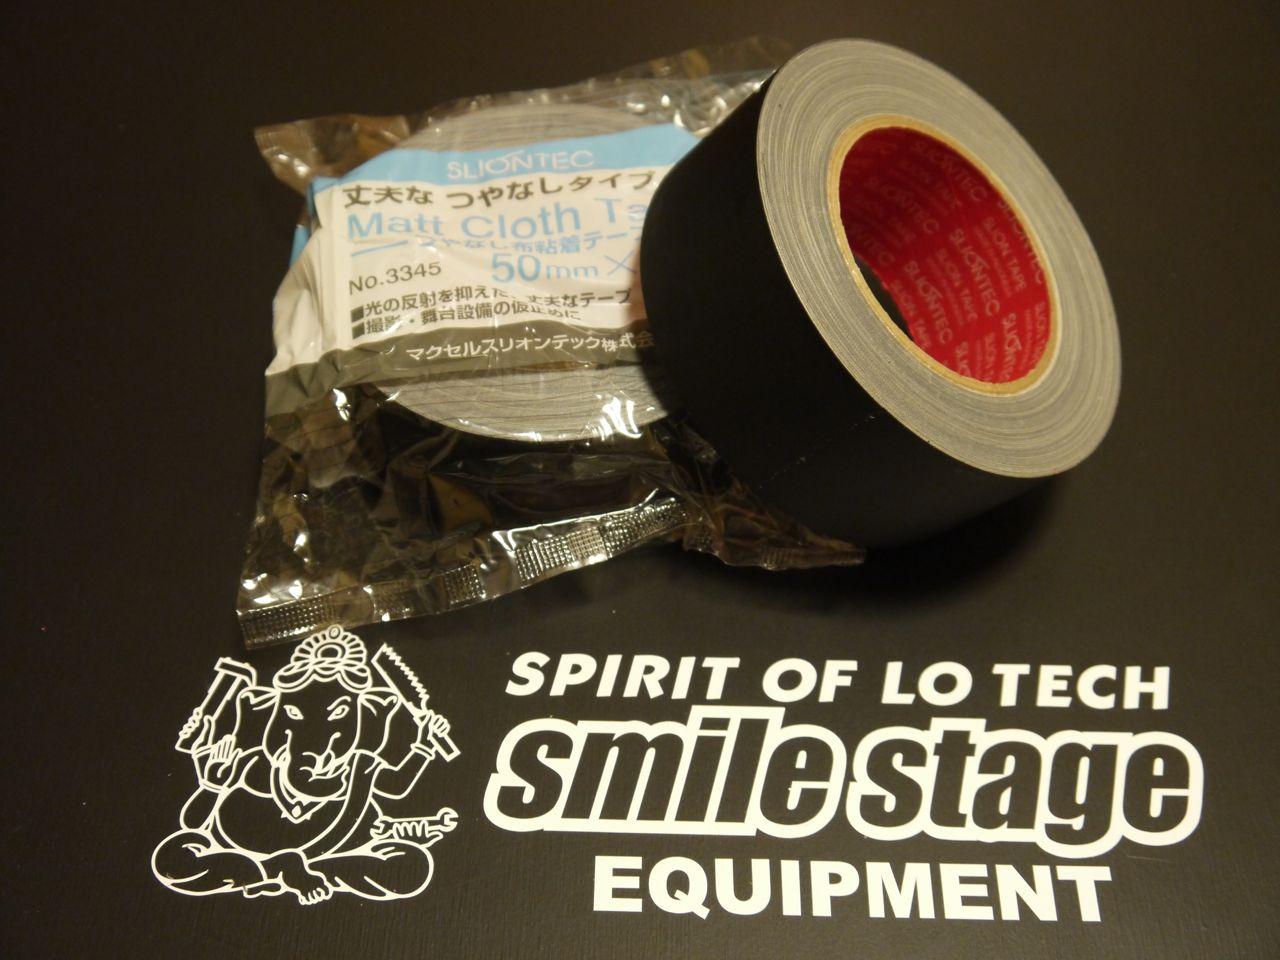 スリオンテック No.3345 マットクロステープ 黒